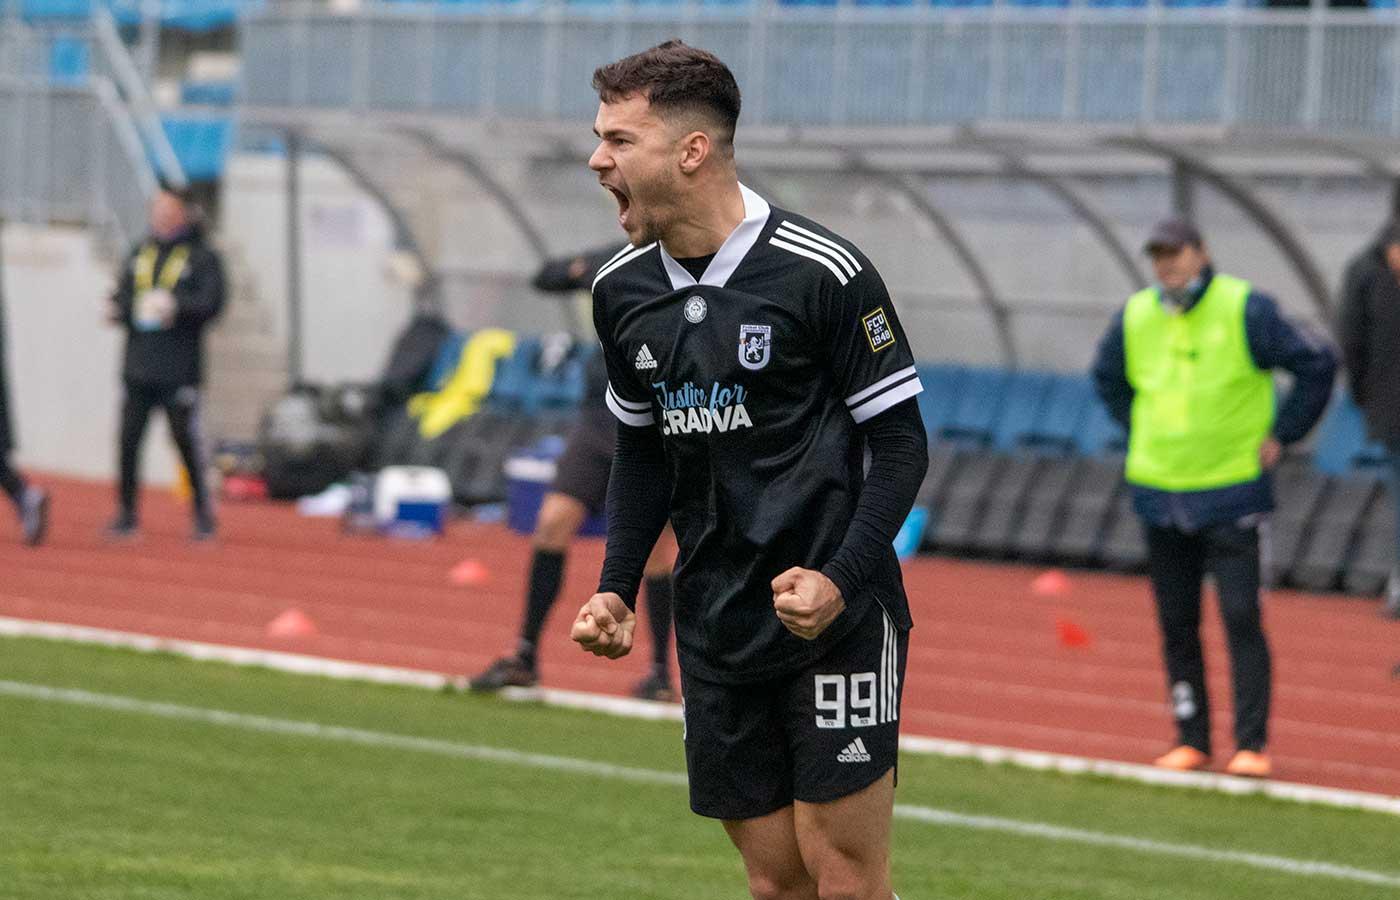 Liga 2 - Etapa 15 - Pandurii - FCU - Prima repriză - 5 decembrie 2020